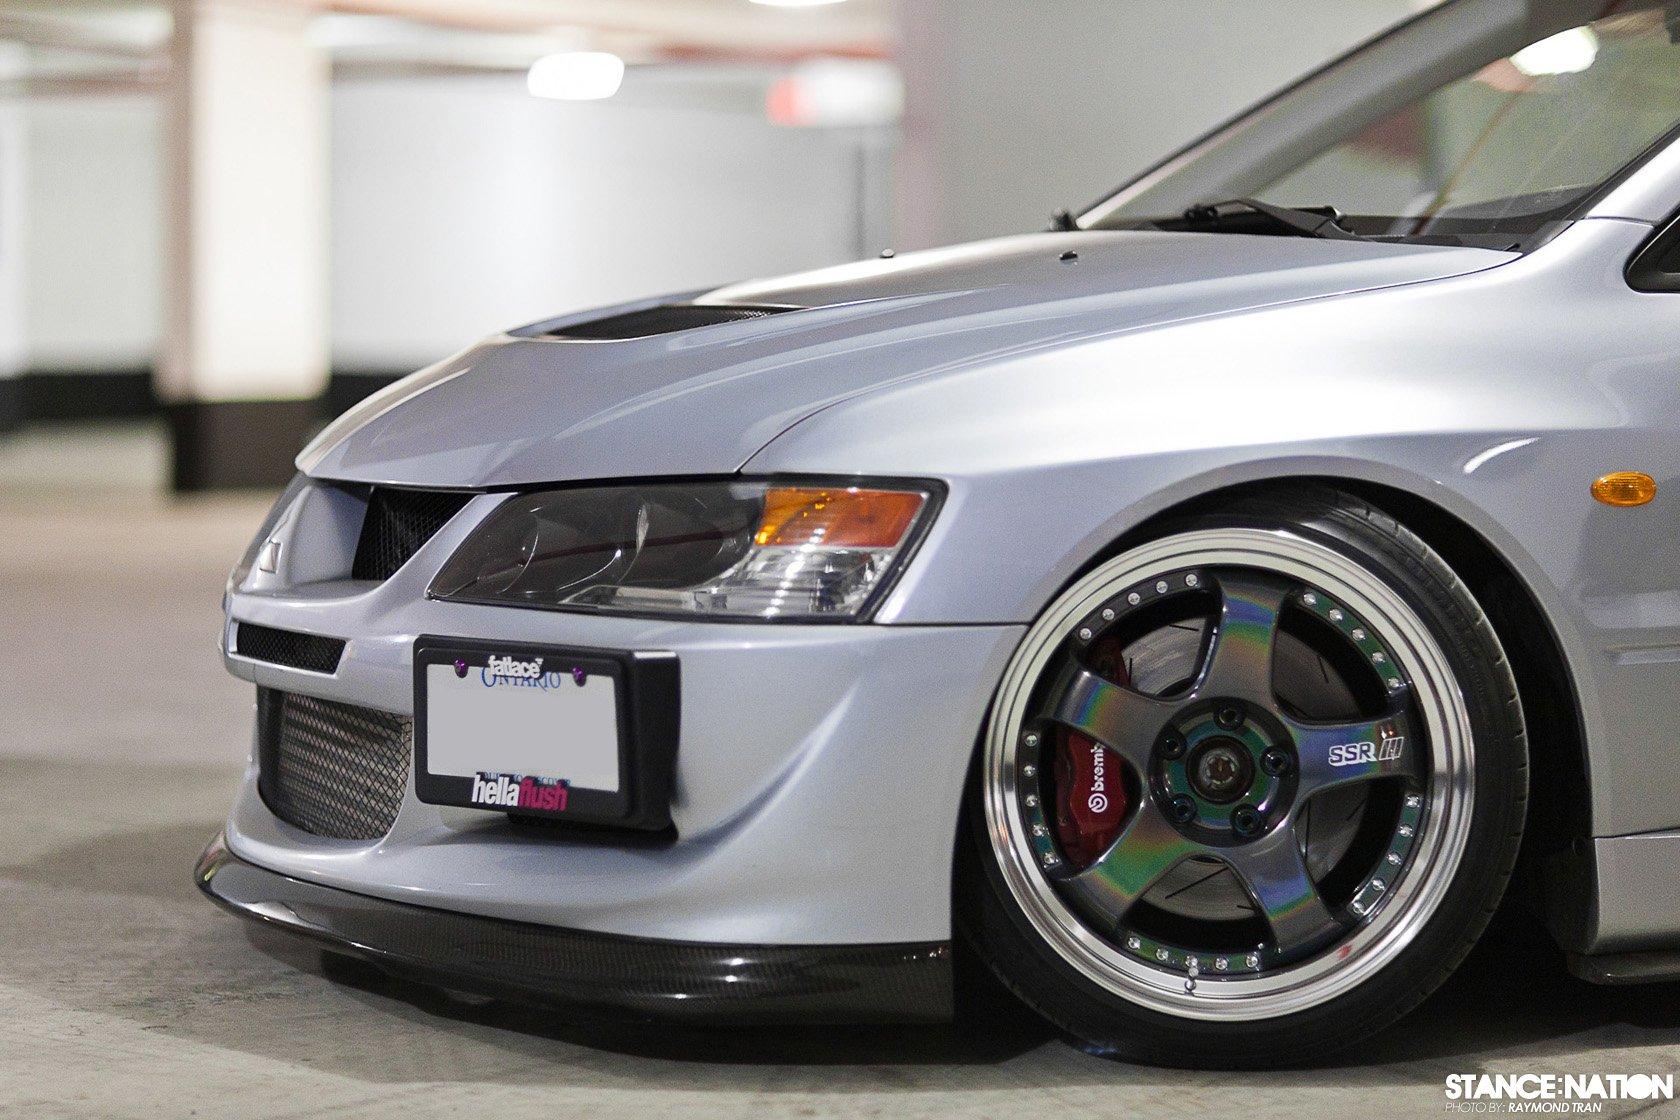 mitsubishi lancer evolution tuning custom wallpaper 1680x1120 797029 wallpaperup - Mitsubishi Lancer Evolution Custom